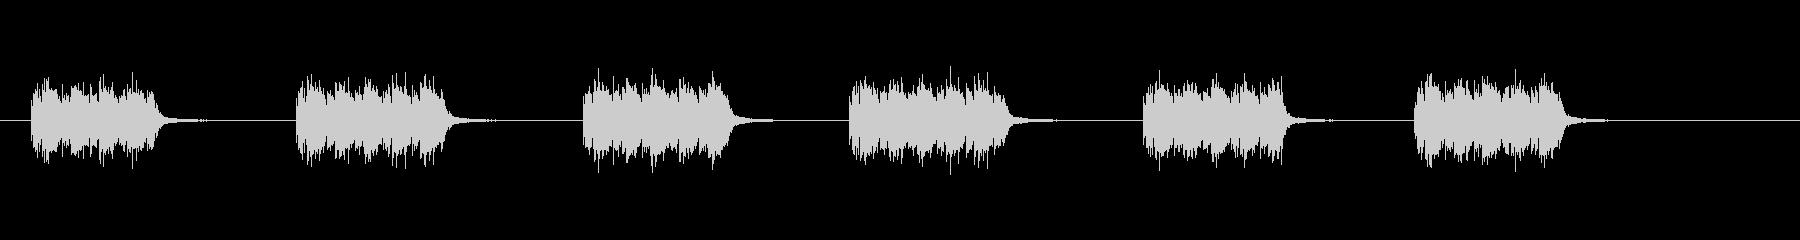 ジリジリジリ、ジリジリジリの未再生の波形